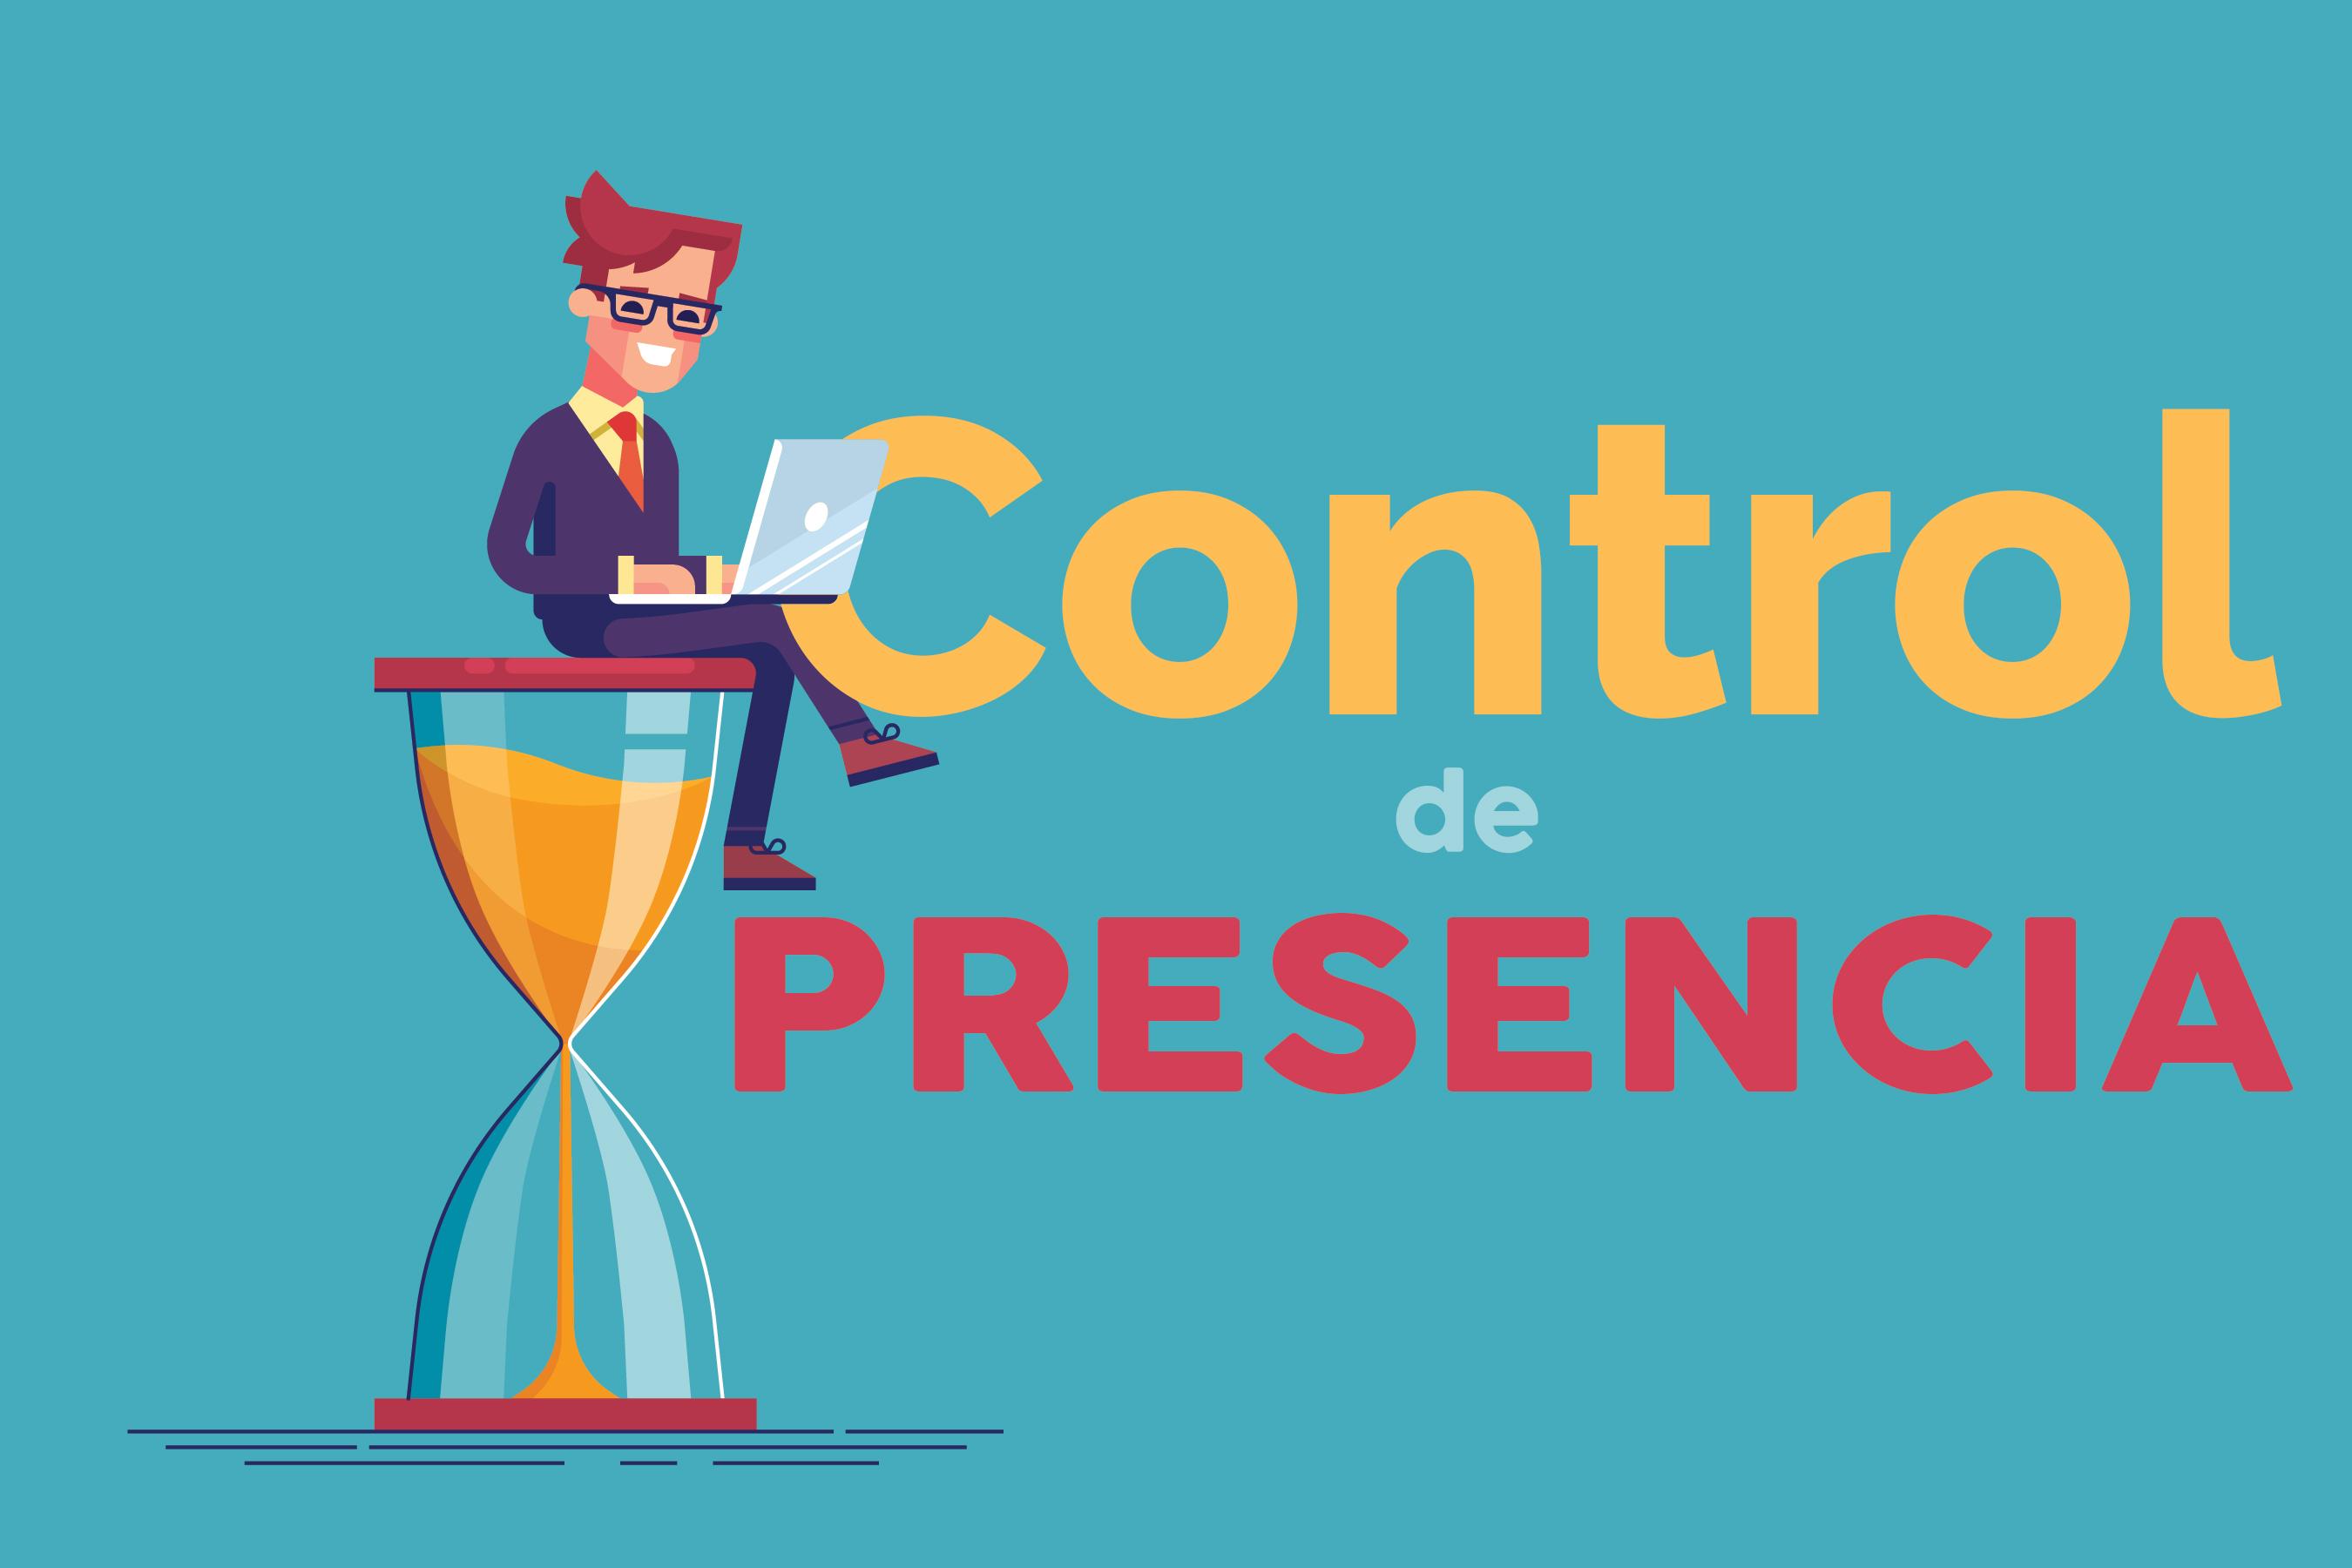 ¿Cómo controlar la presencia en tu empresa?